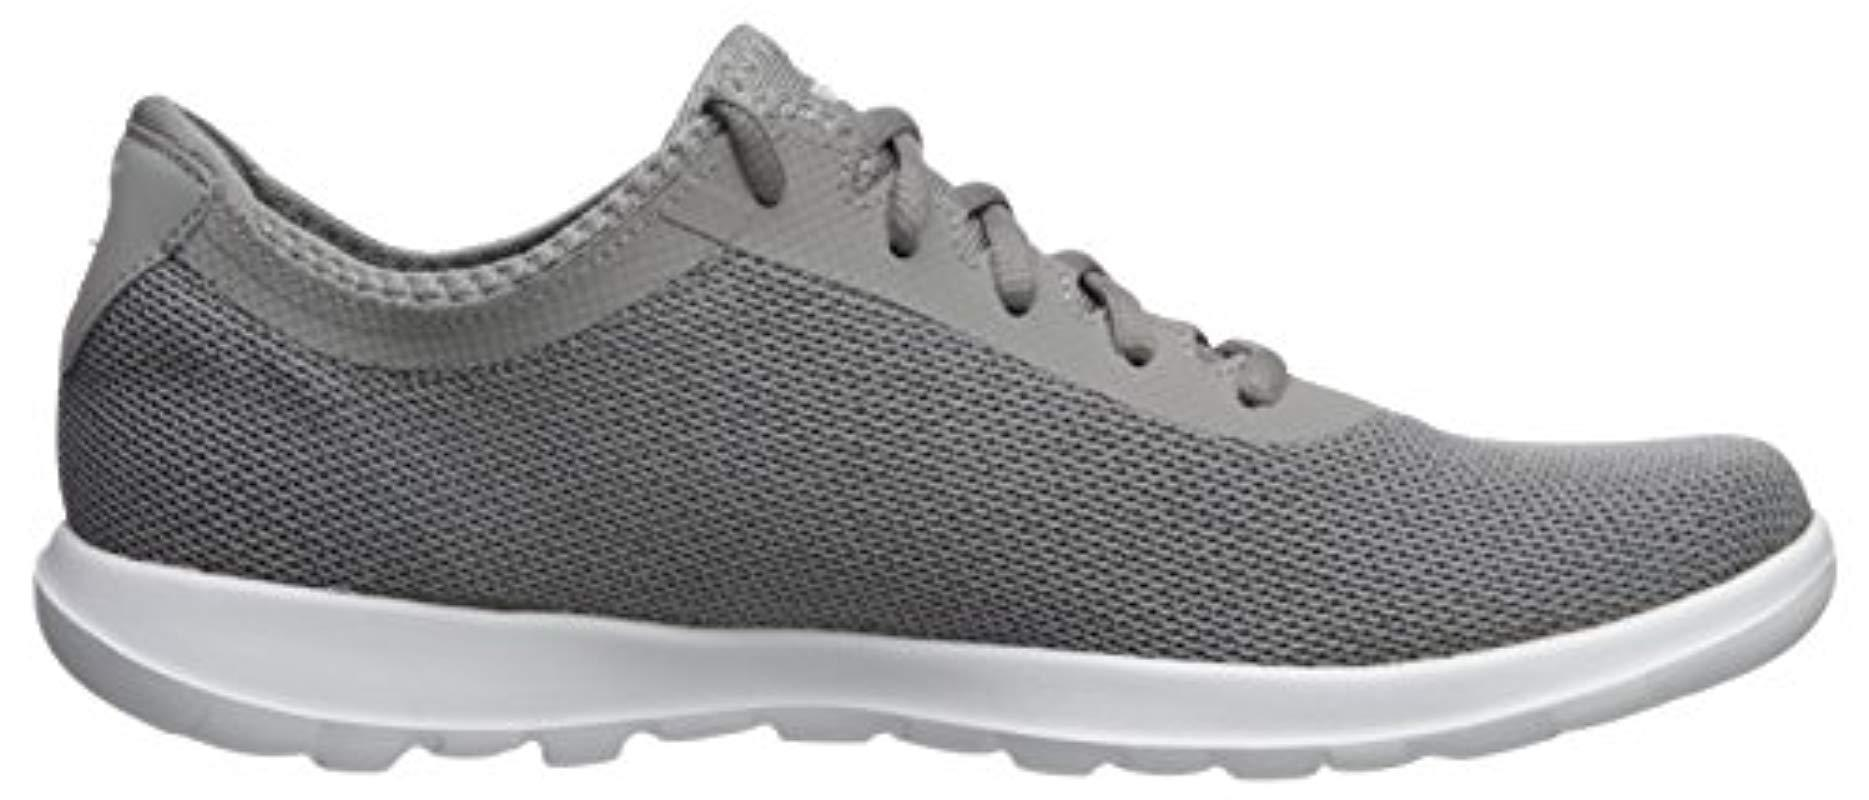 Skechers Go Walk Lite-15360 Sneaker in Grey (Grey)